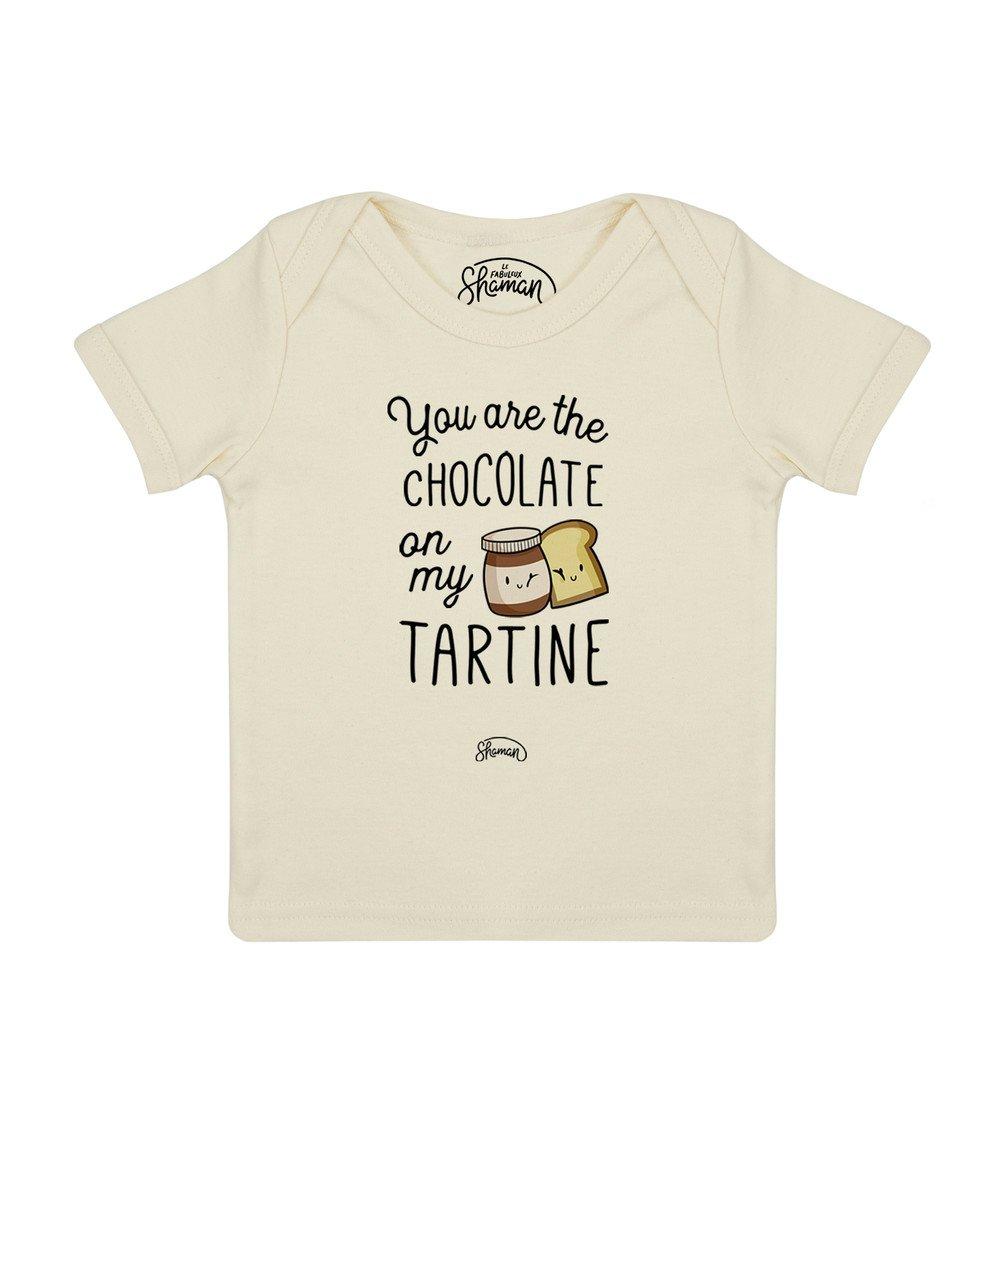 Tee shirt Chocolate tartine